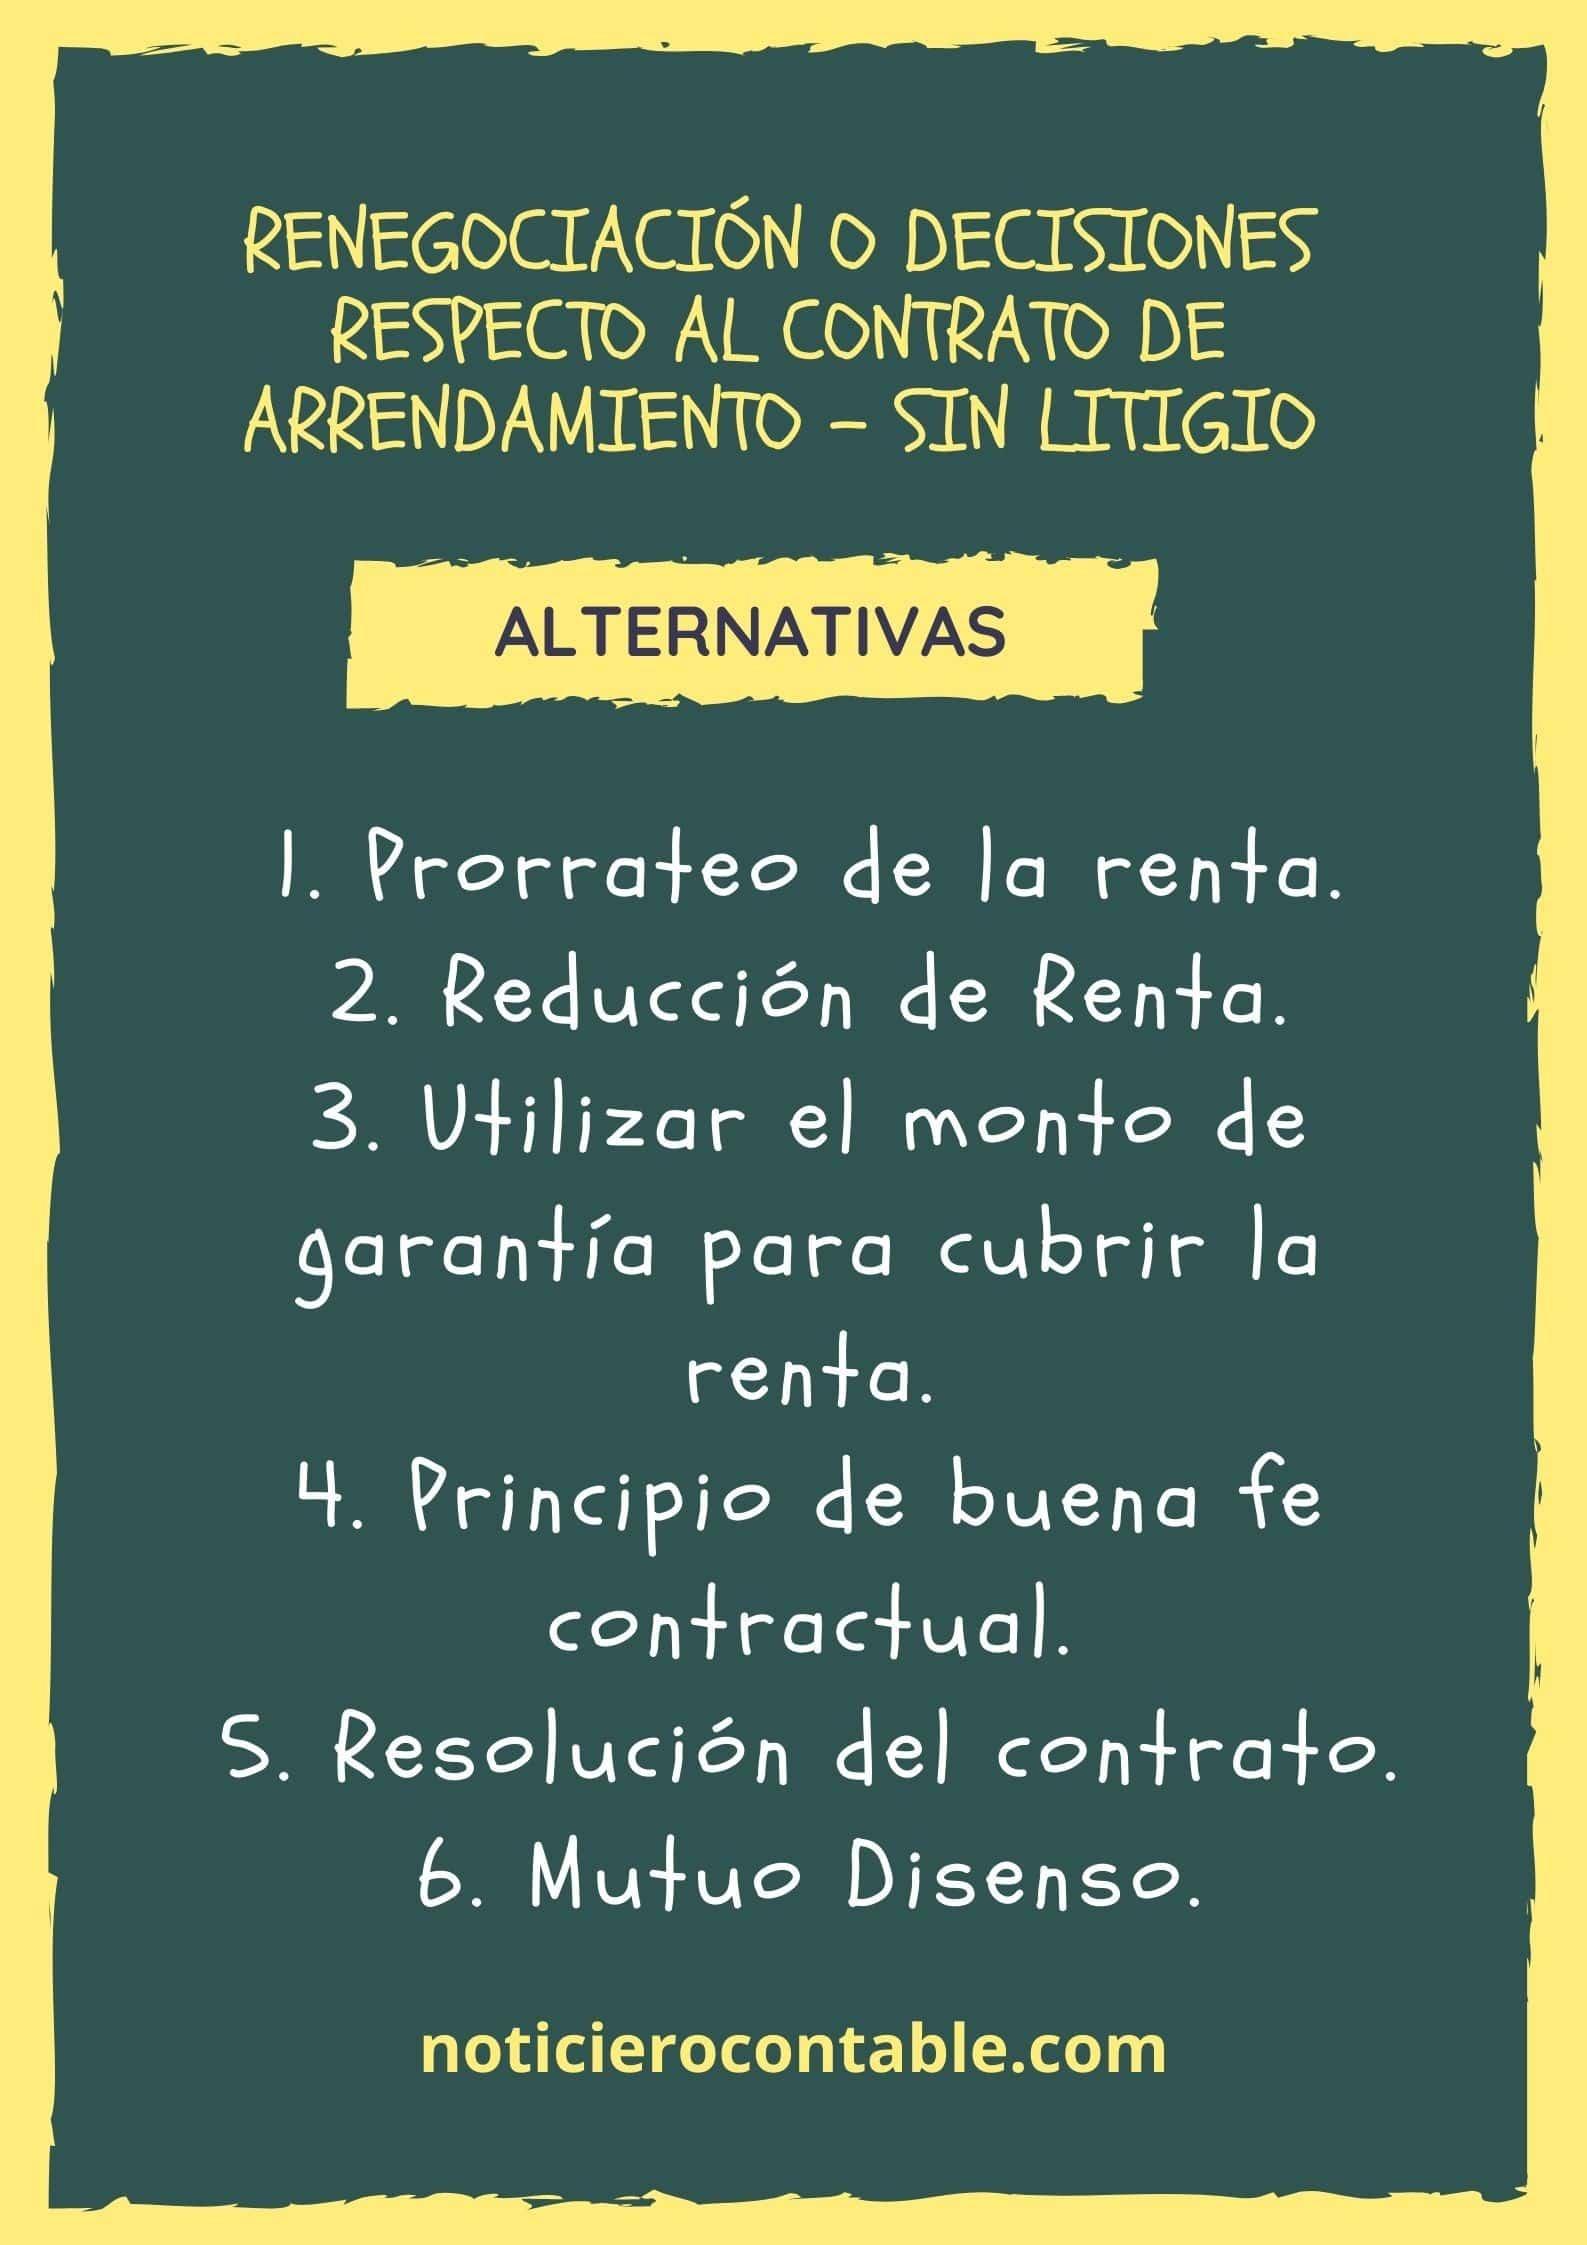 Renegociacion o decisiones respecto al contrato de arrendamiento - Sin Litigio